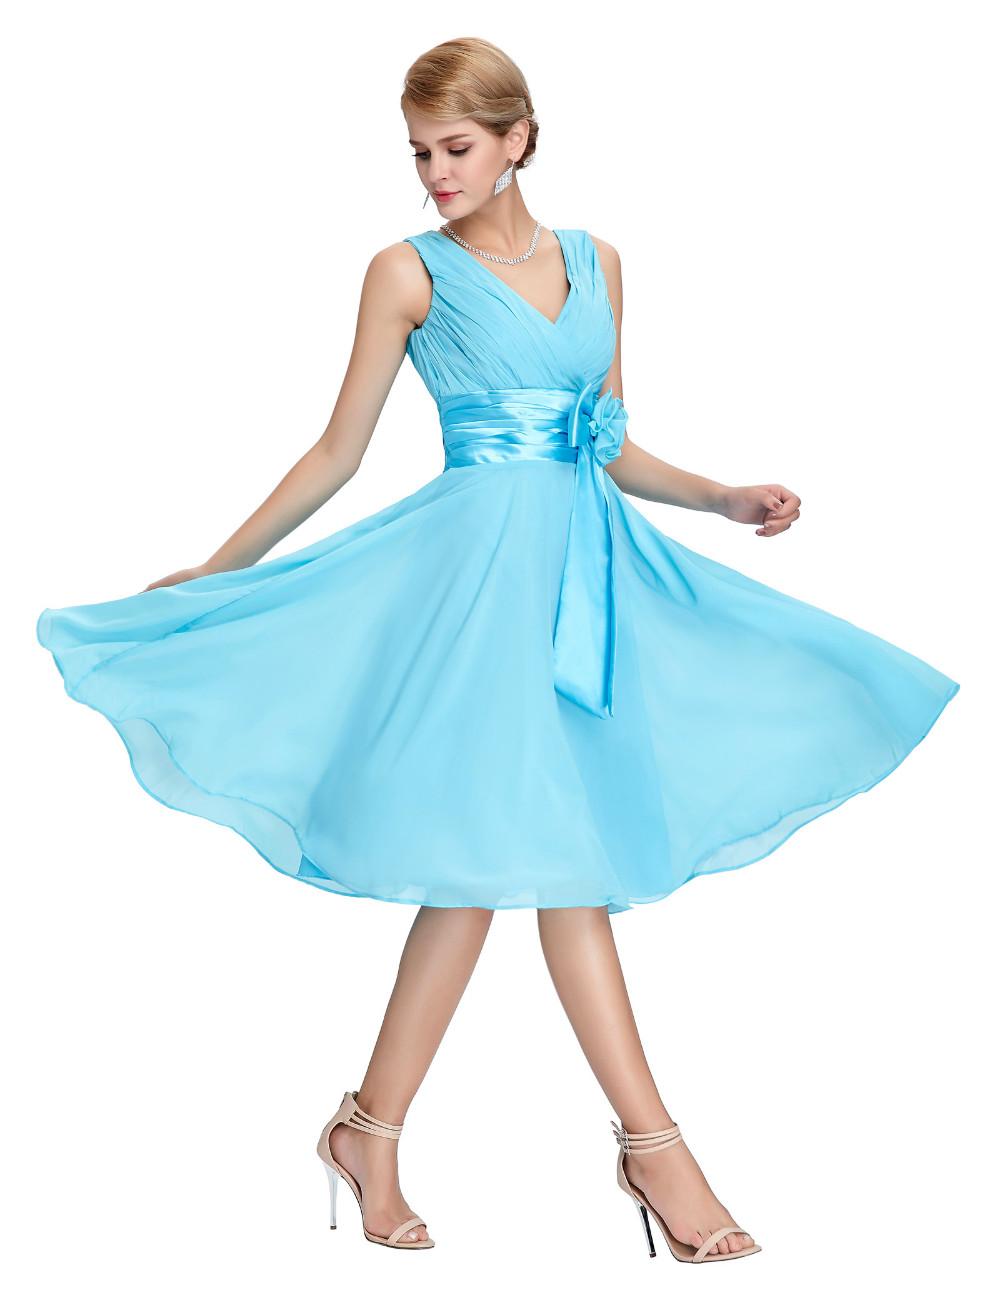 HTB1SYHPMVXXXXaFaXXXq6xXFXXXtKnee Length Short Chiffon Blue Dress